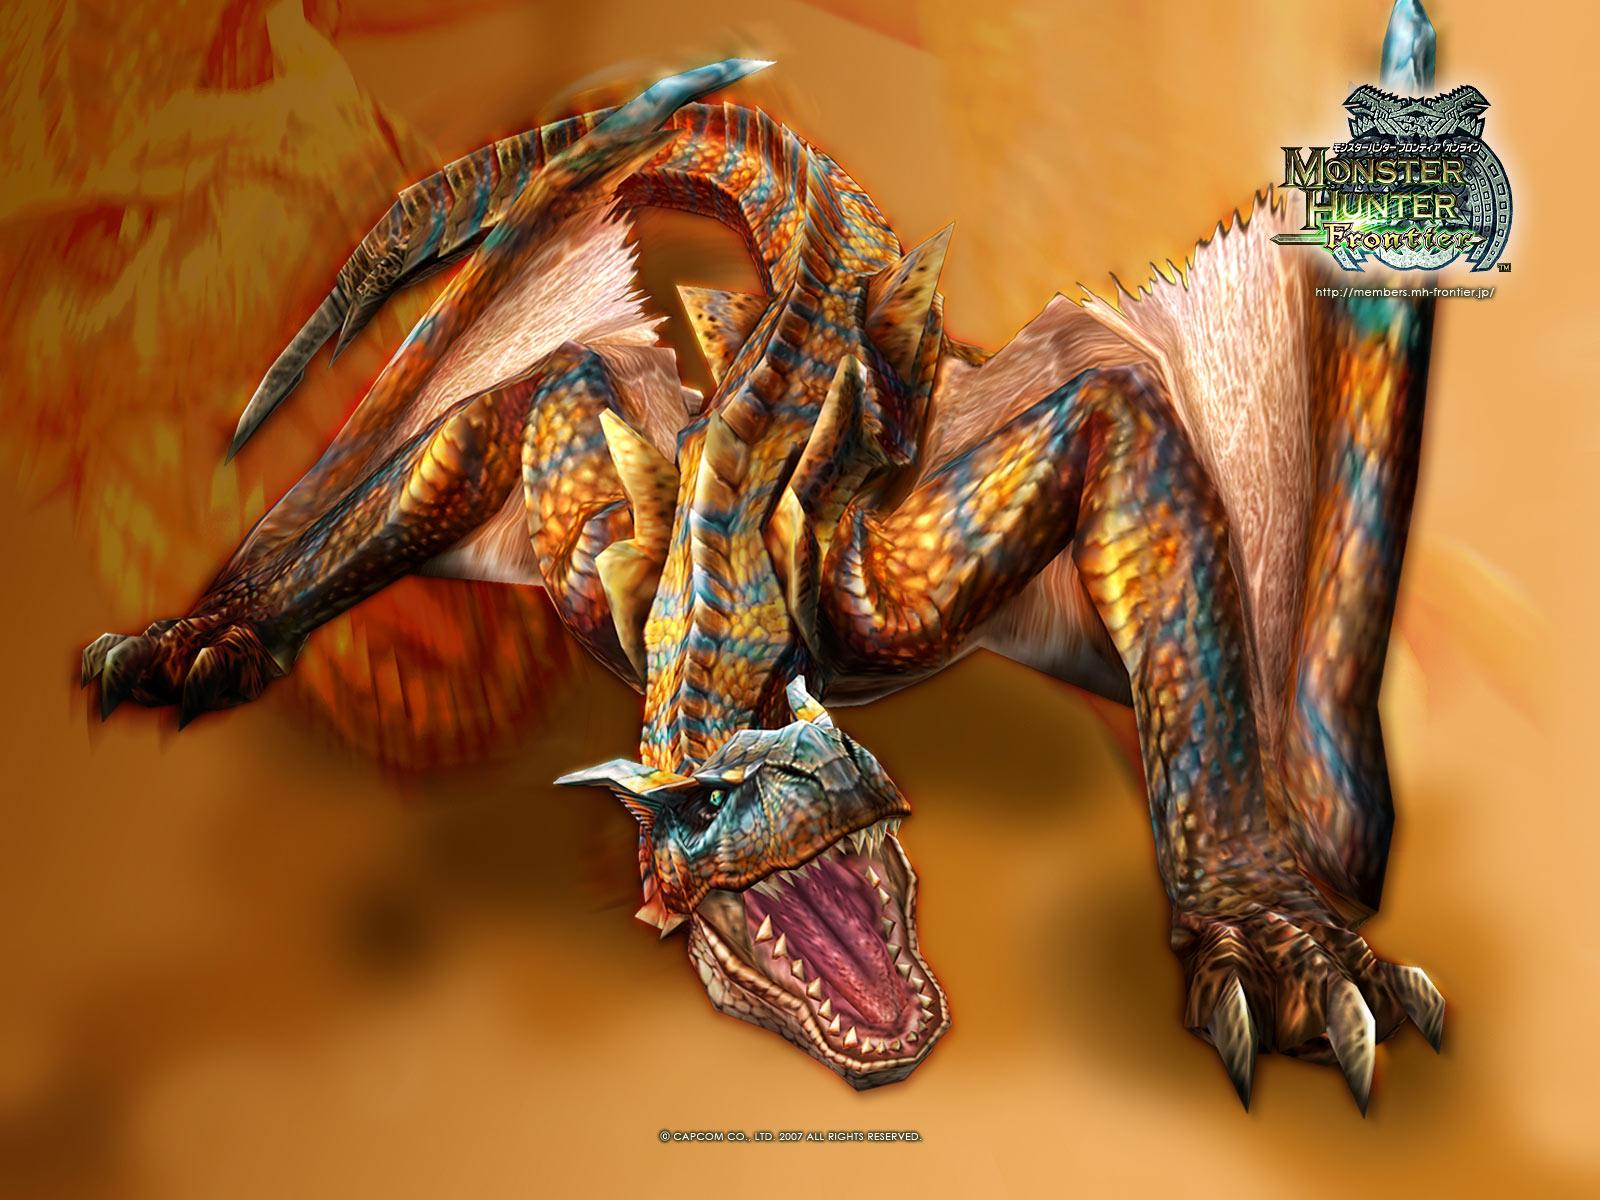 http://1.bp.blogspot.com/_nEmB3Z5F5EM/S6wtwg2wgNI/AAAAAAAAH6Y/GPo-b6jHUfU/s1600/Monster_Hunter_Fronter.jpg